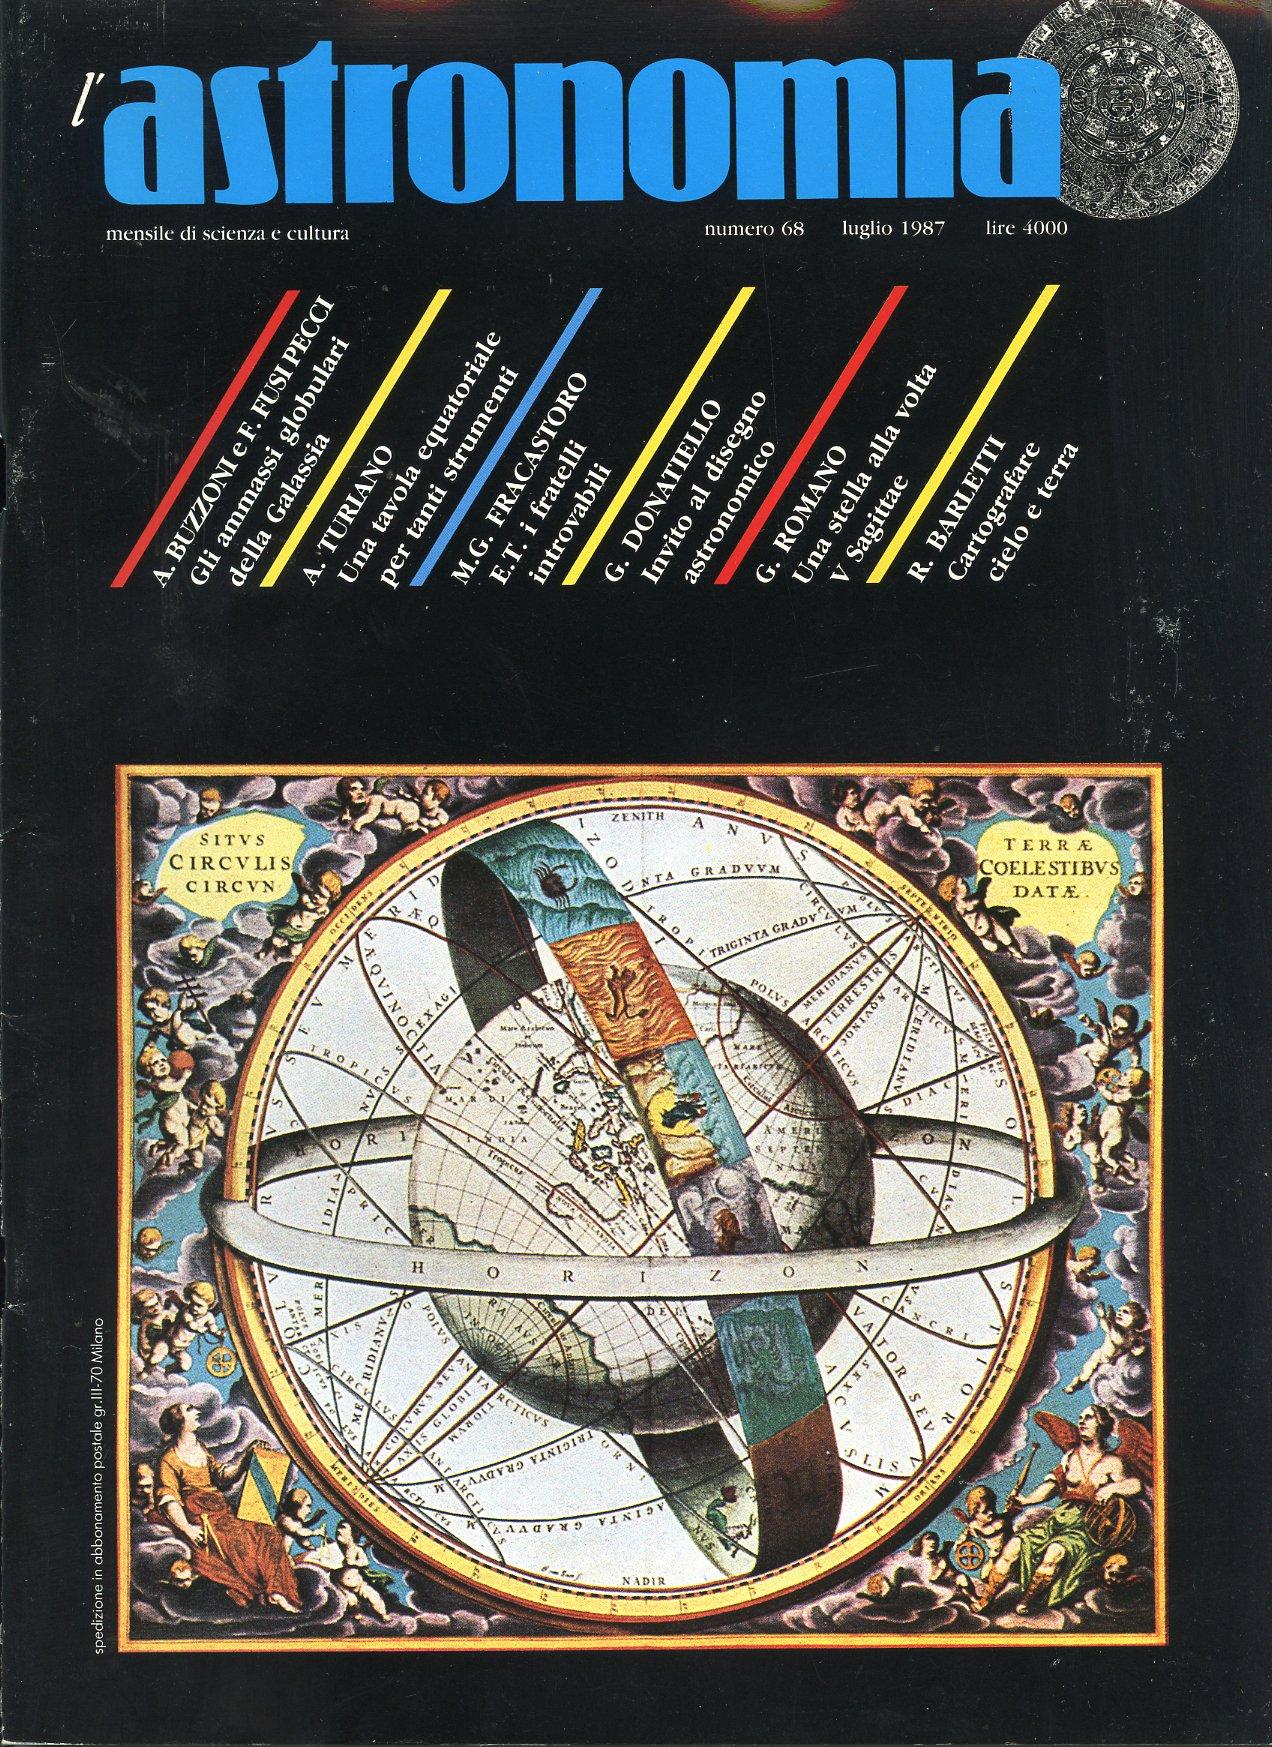 L'Astronomia, Anno IX, n.68